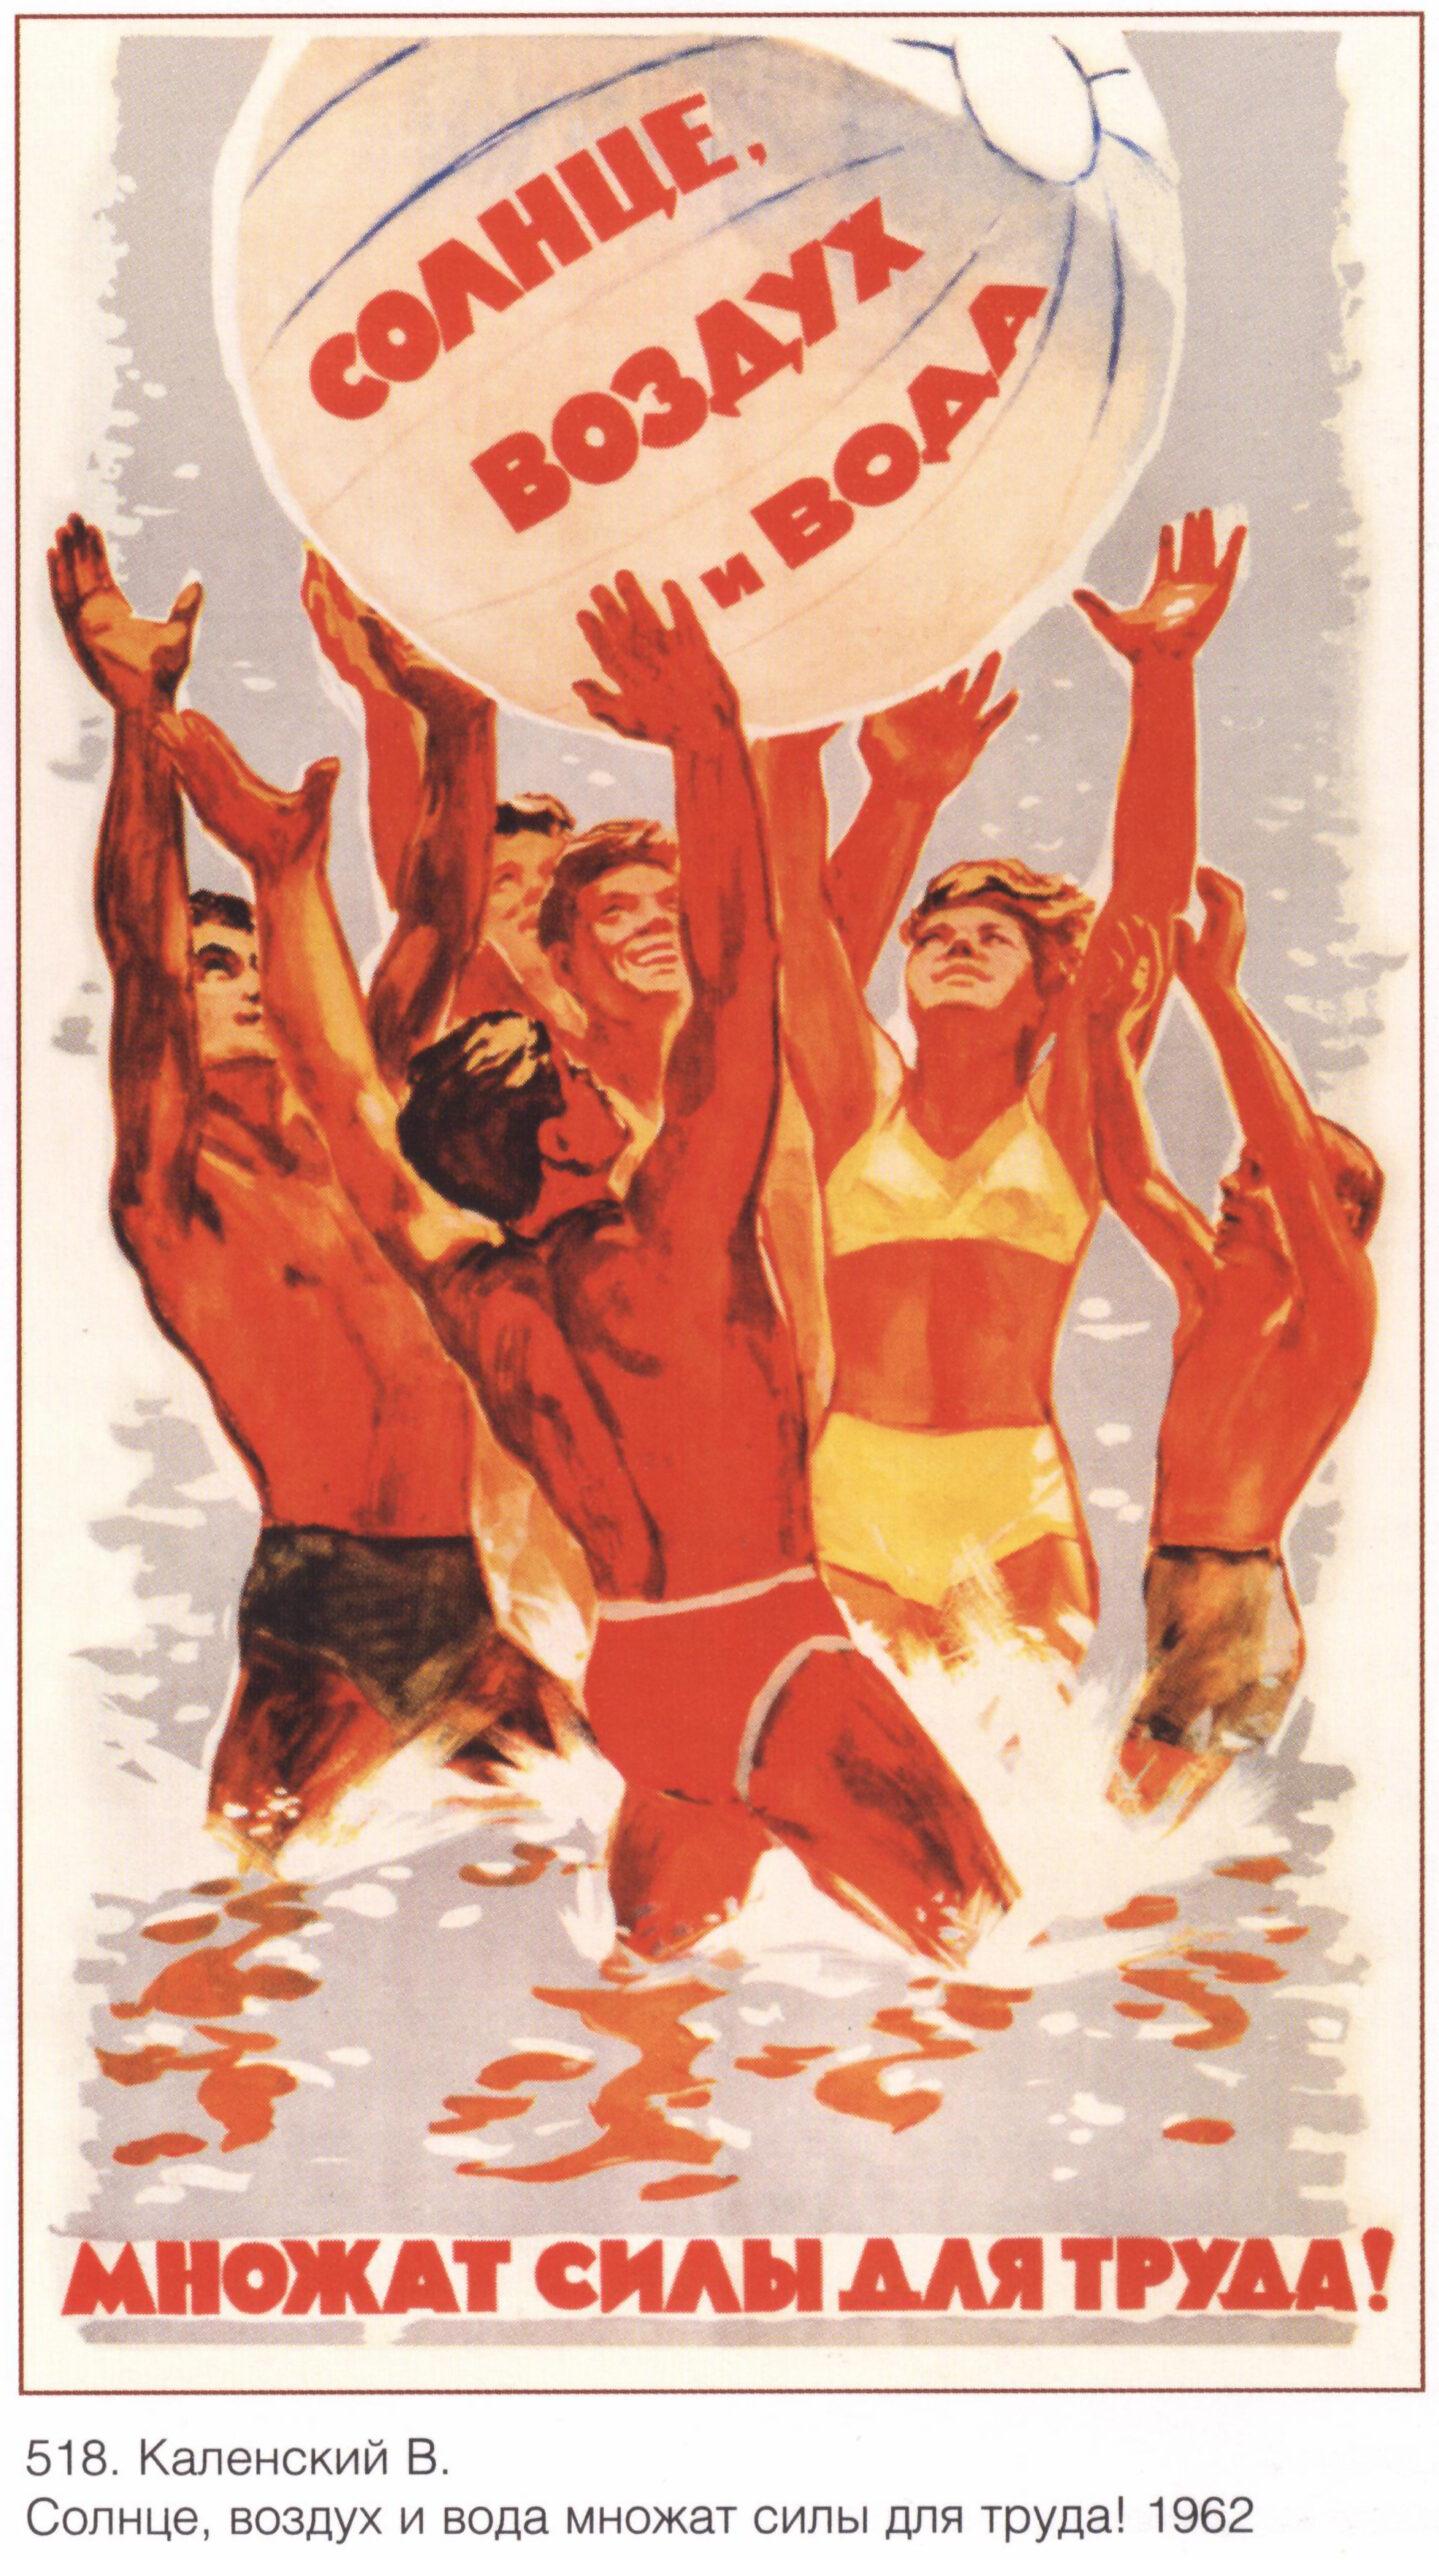 Солнце, воздух и вода множат силы для труда. Каленский ввВ. 1962